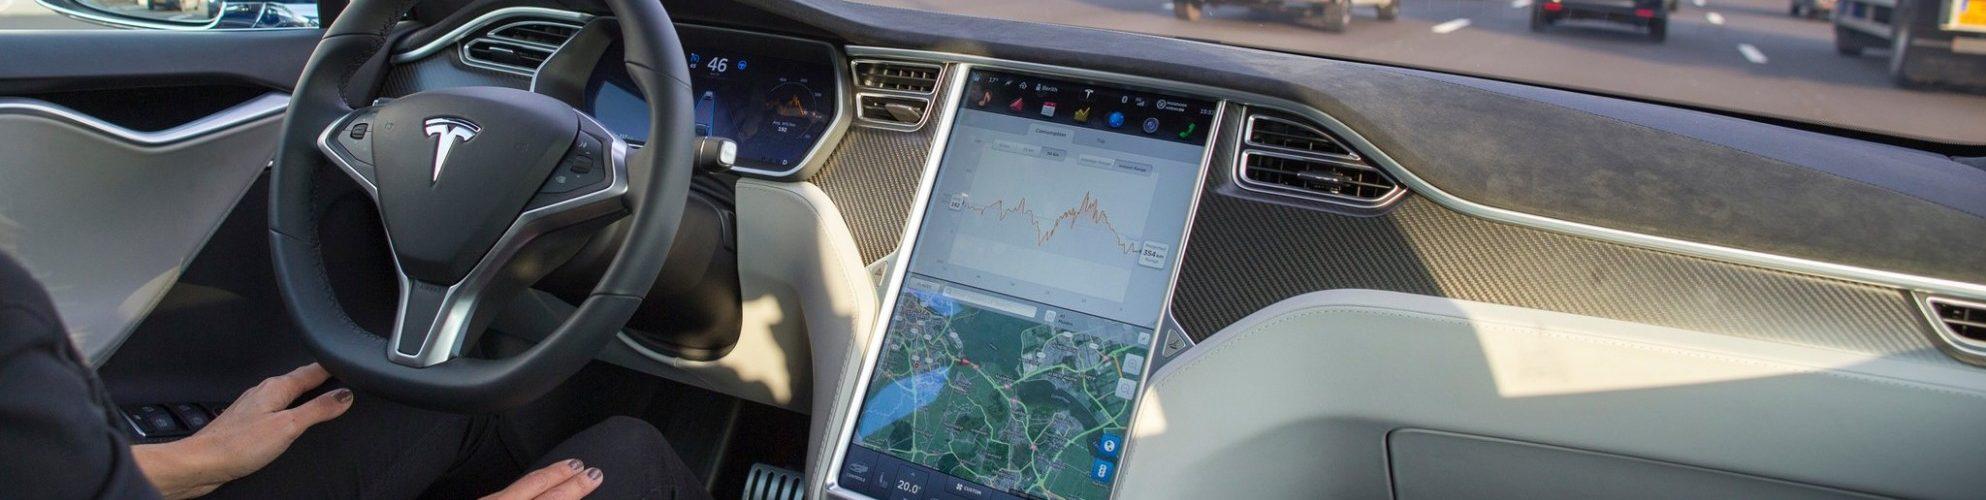 Бесплатный автопилот Tesla